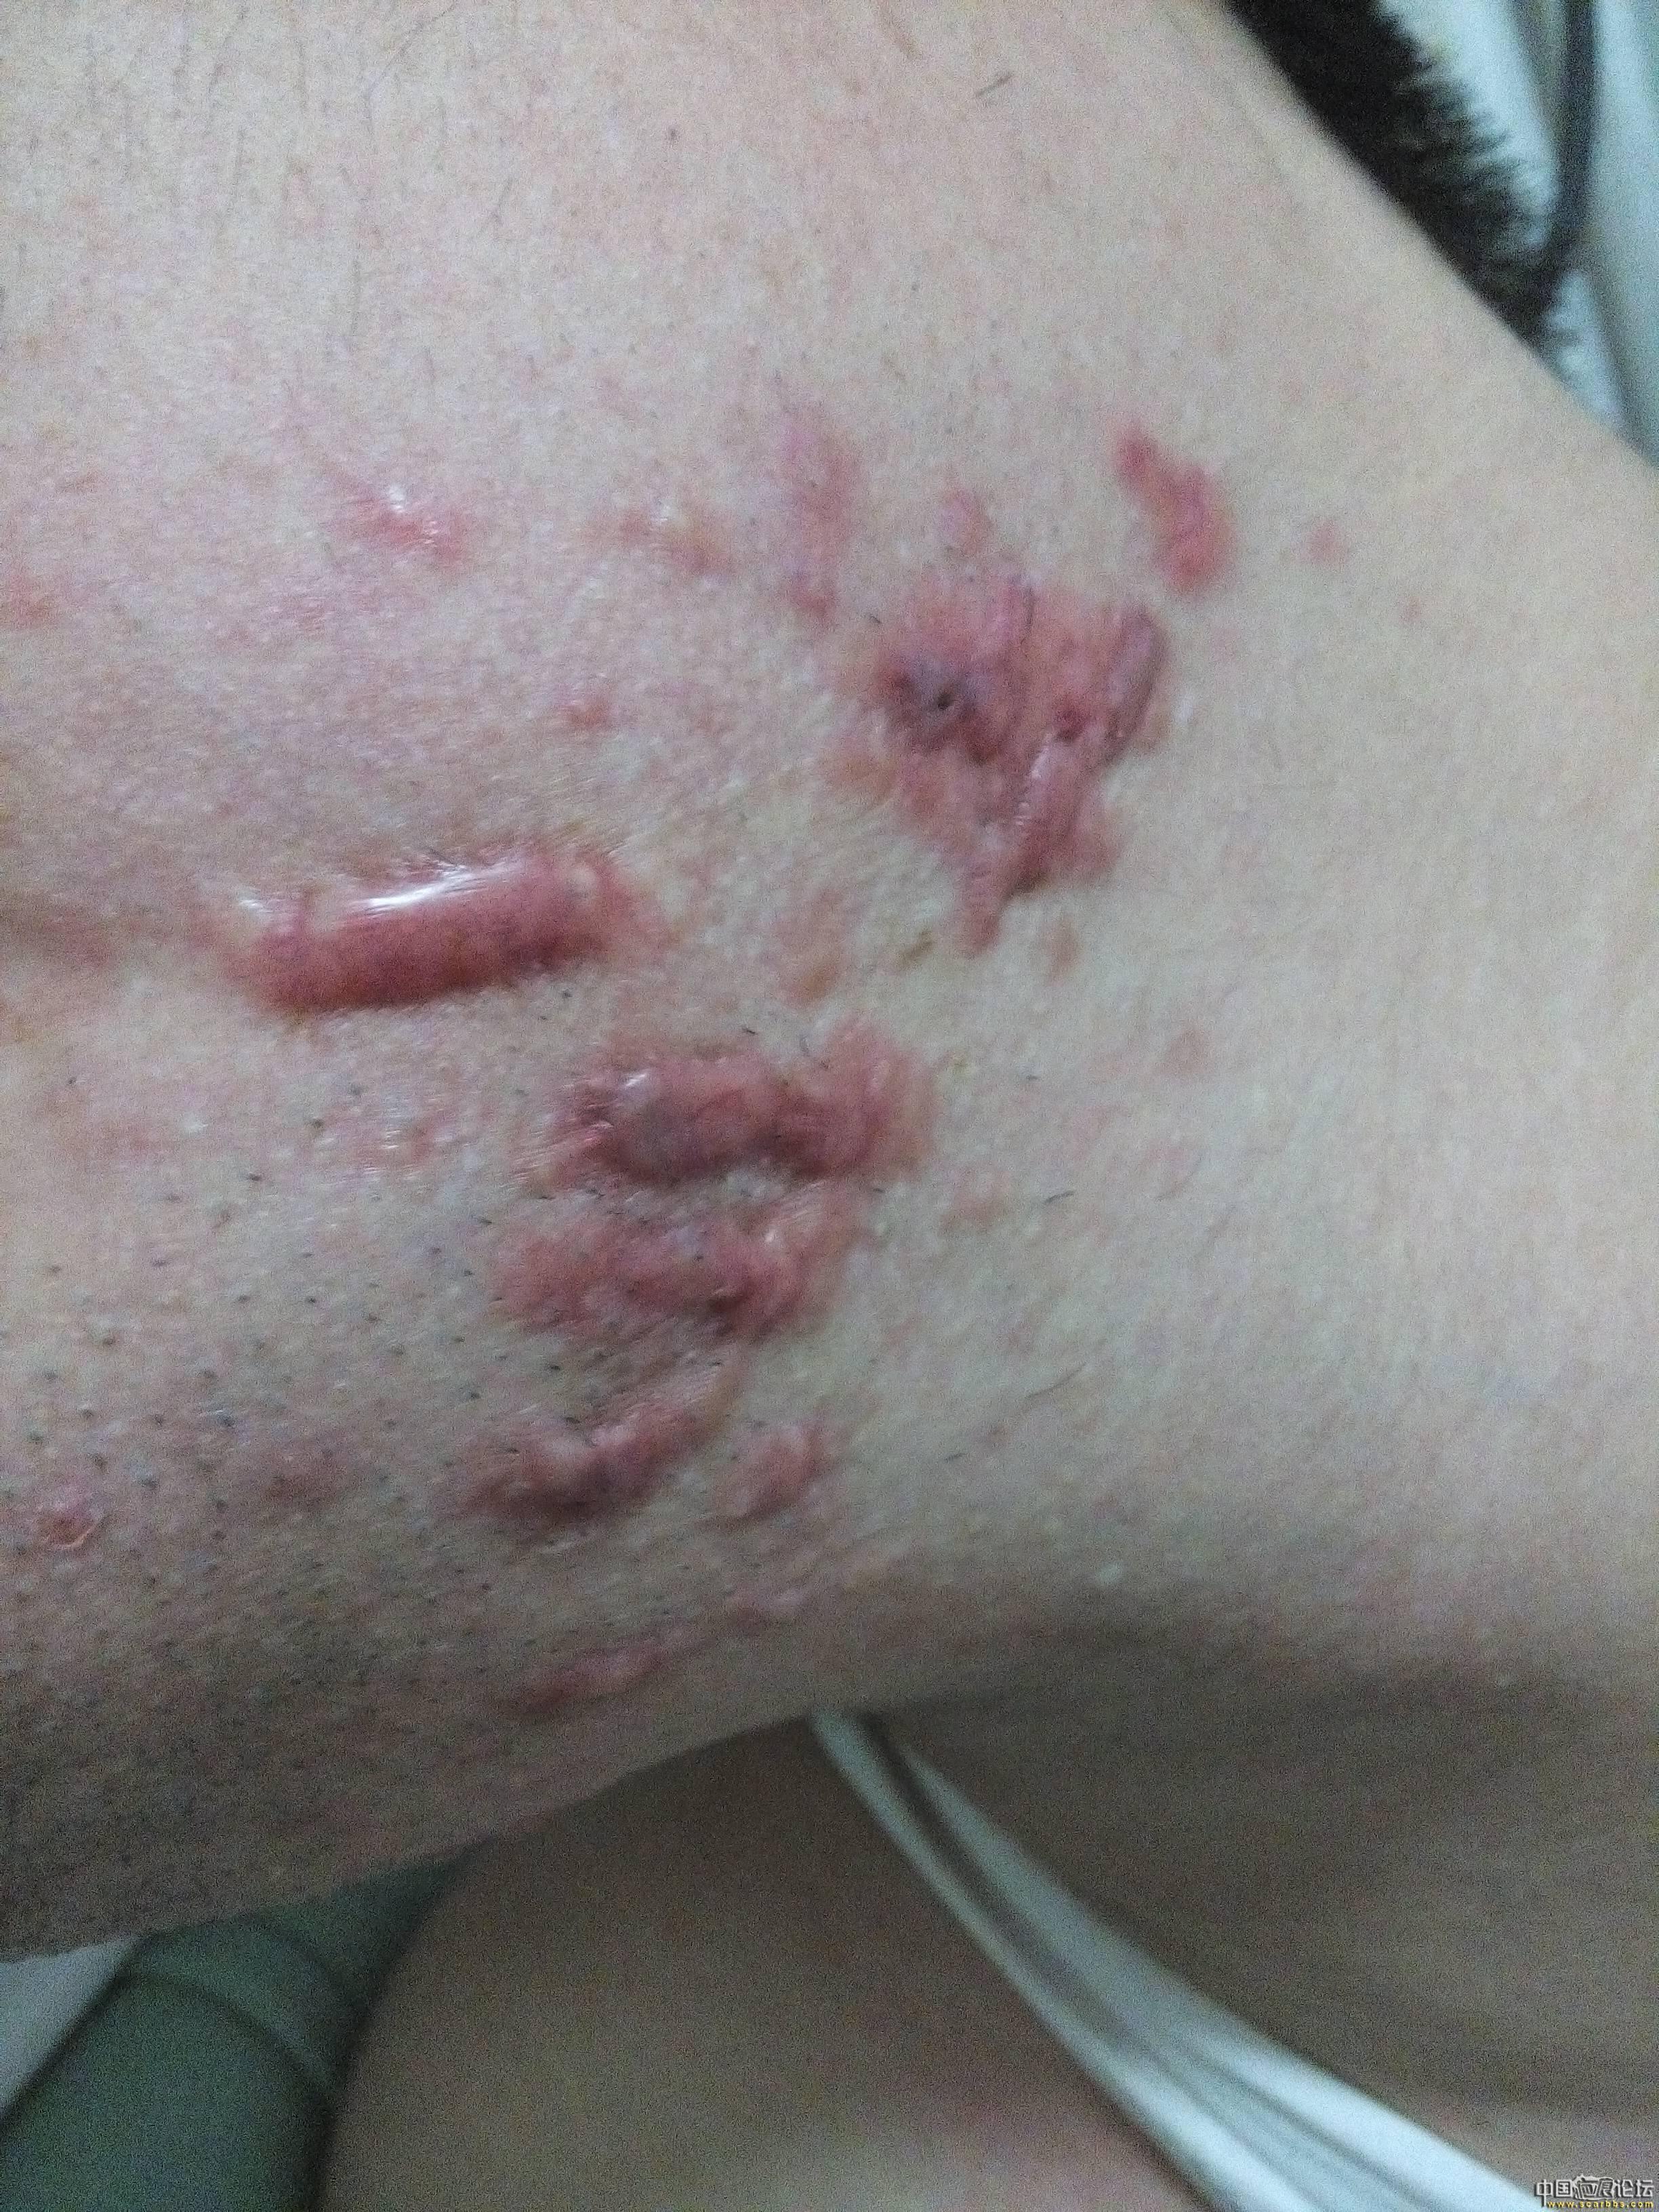 陪伴4年的腮部疤痕疙瘩治疗效果分享75-疤痕体质图片_疤痕疙瘩图片-中国疤痕论坛